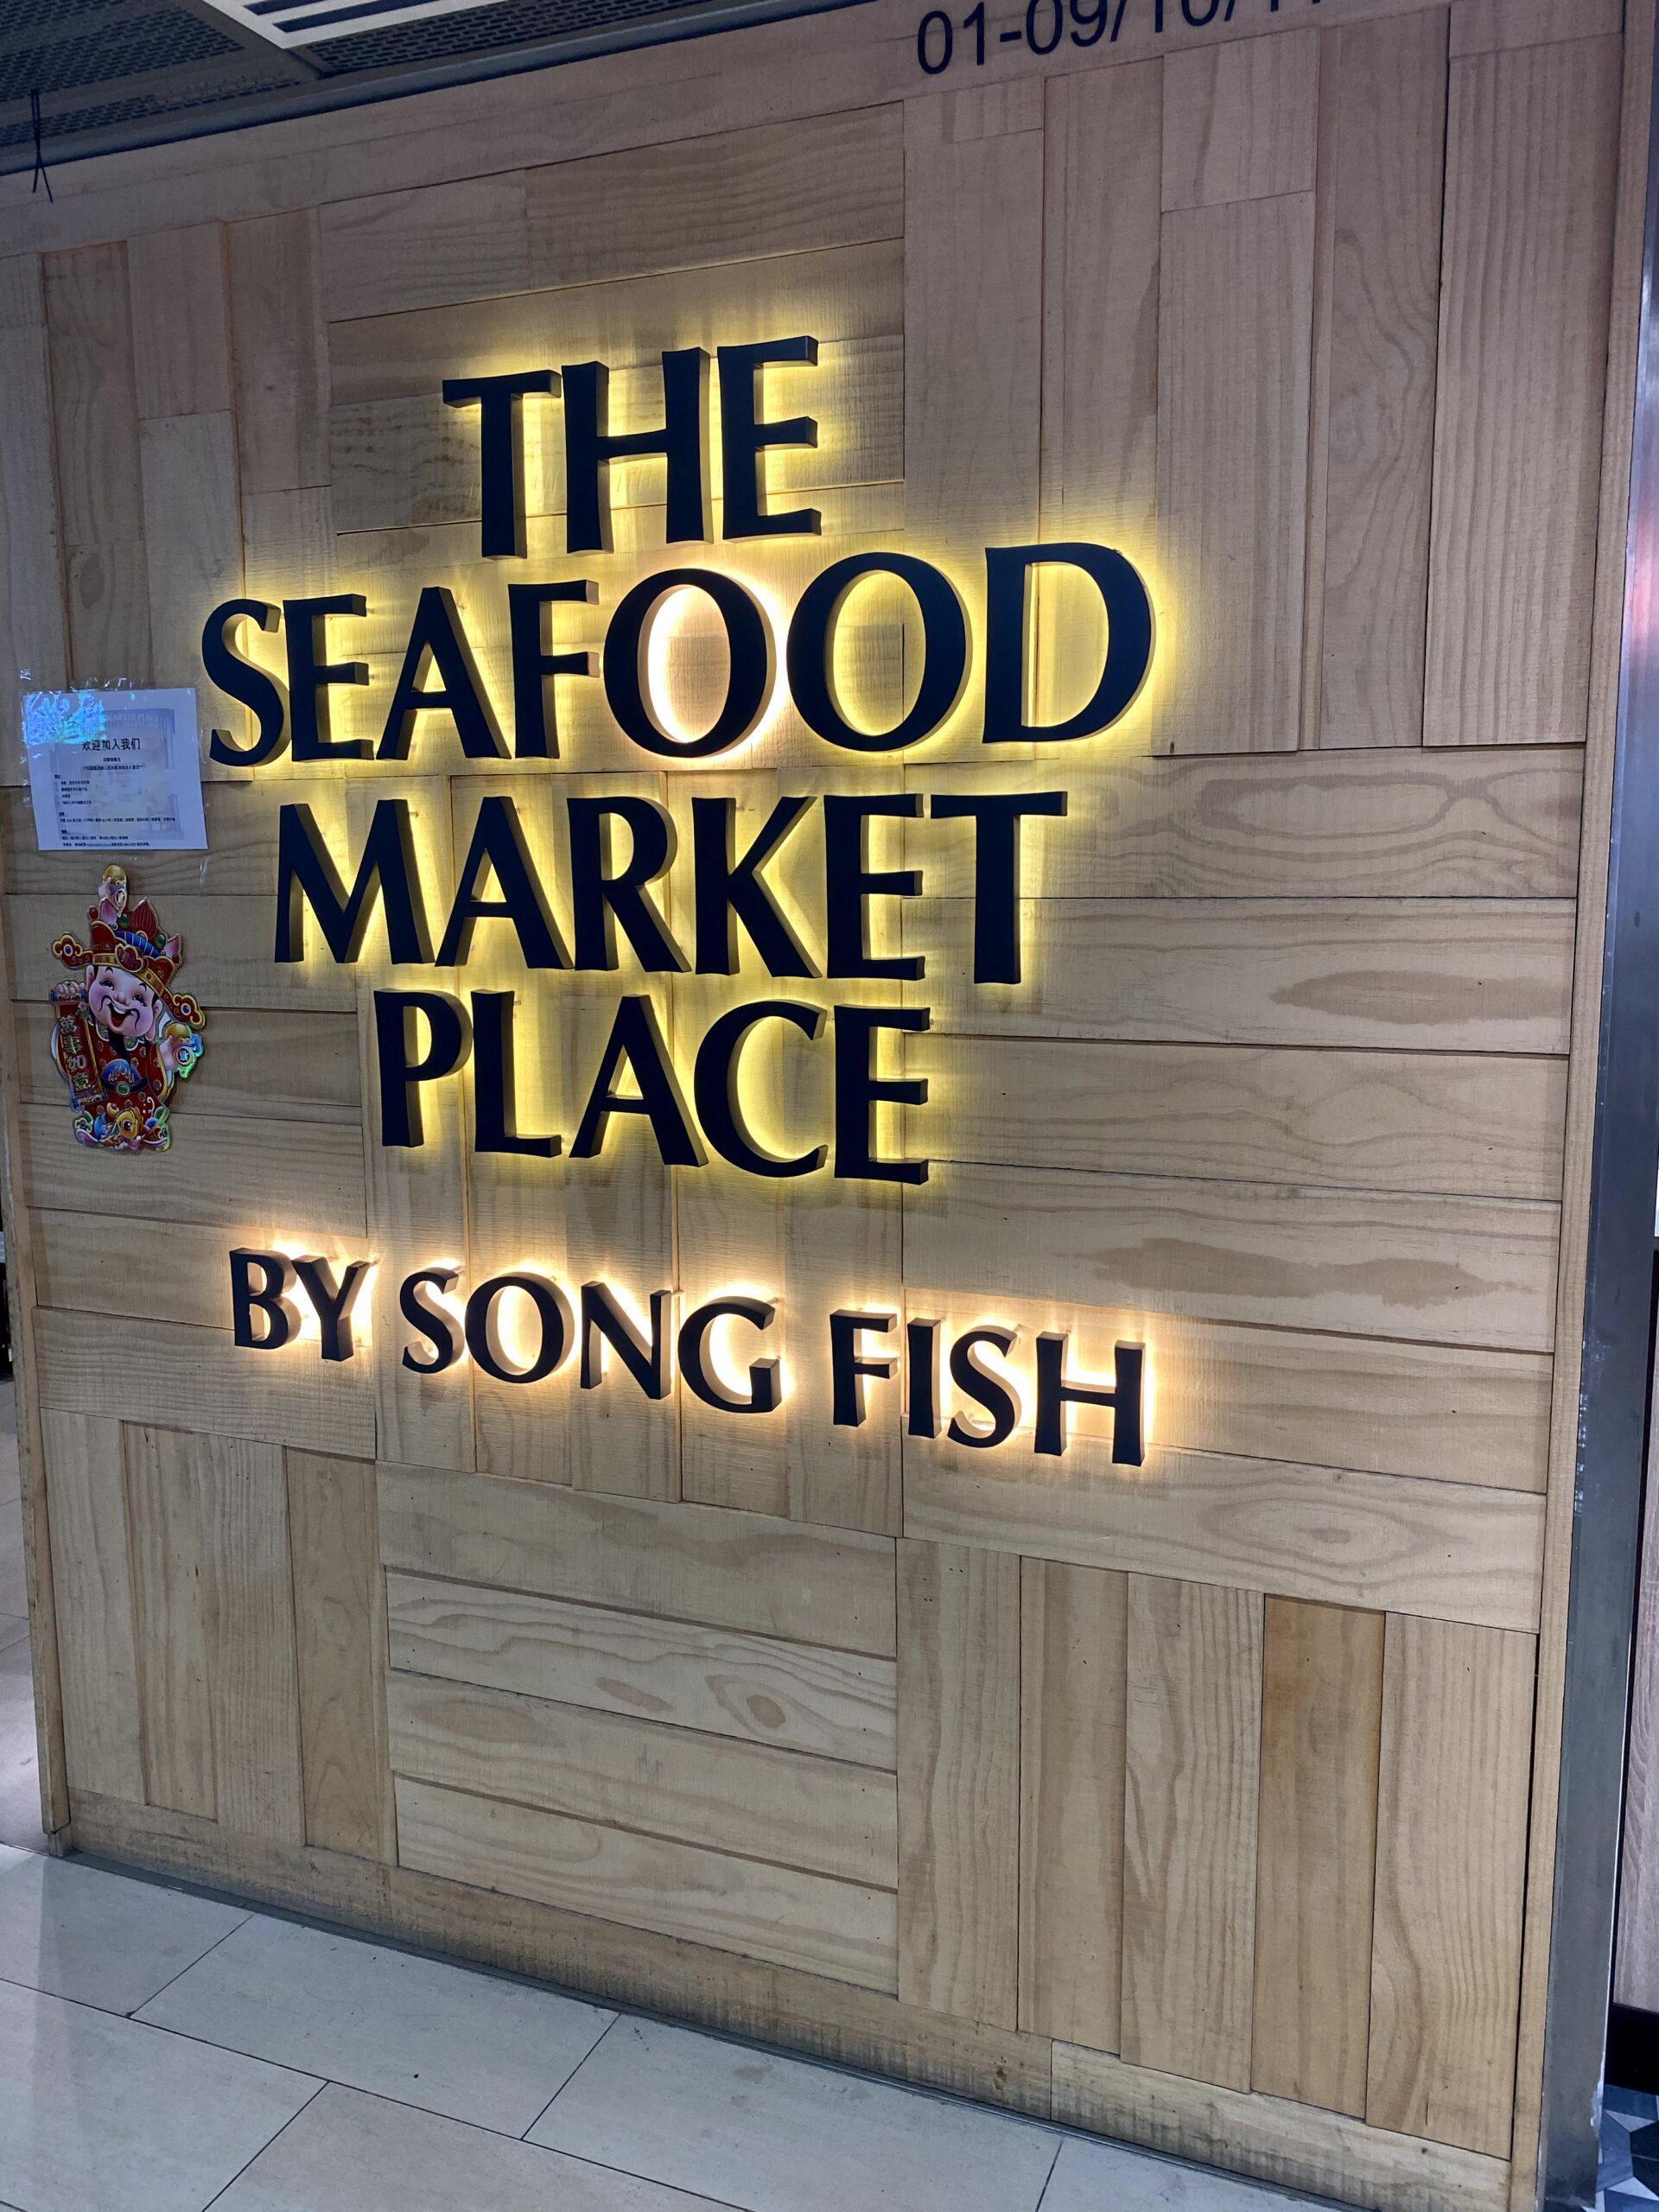 Song Fish